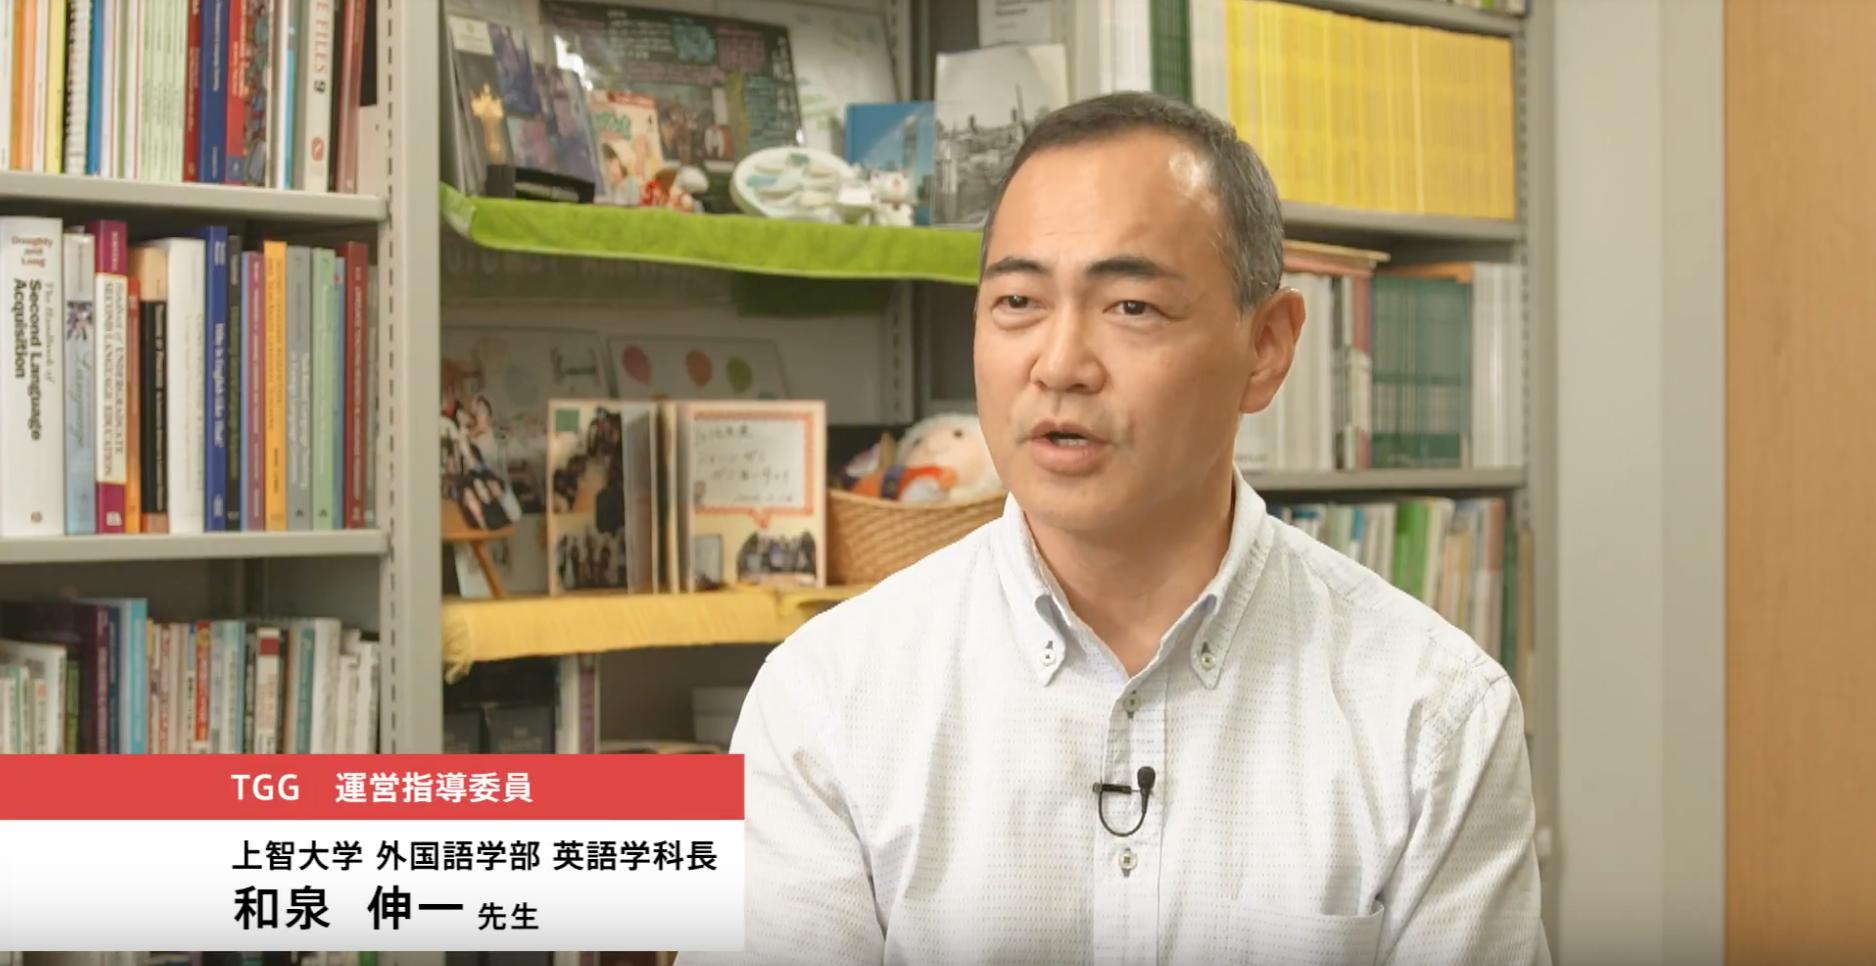 TGGのプログラムの根幹 CLILについて 上智大学・和泉伸一教授が 解説いたします【動画】